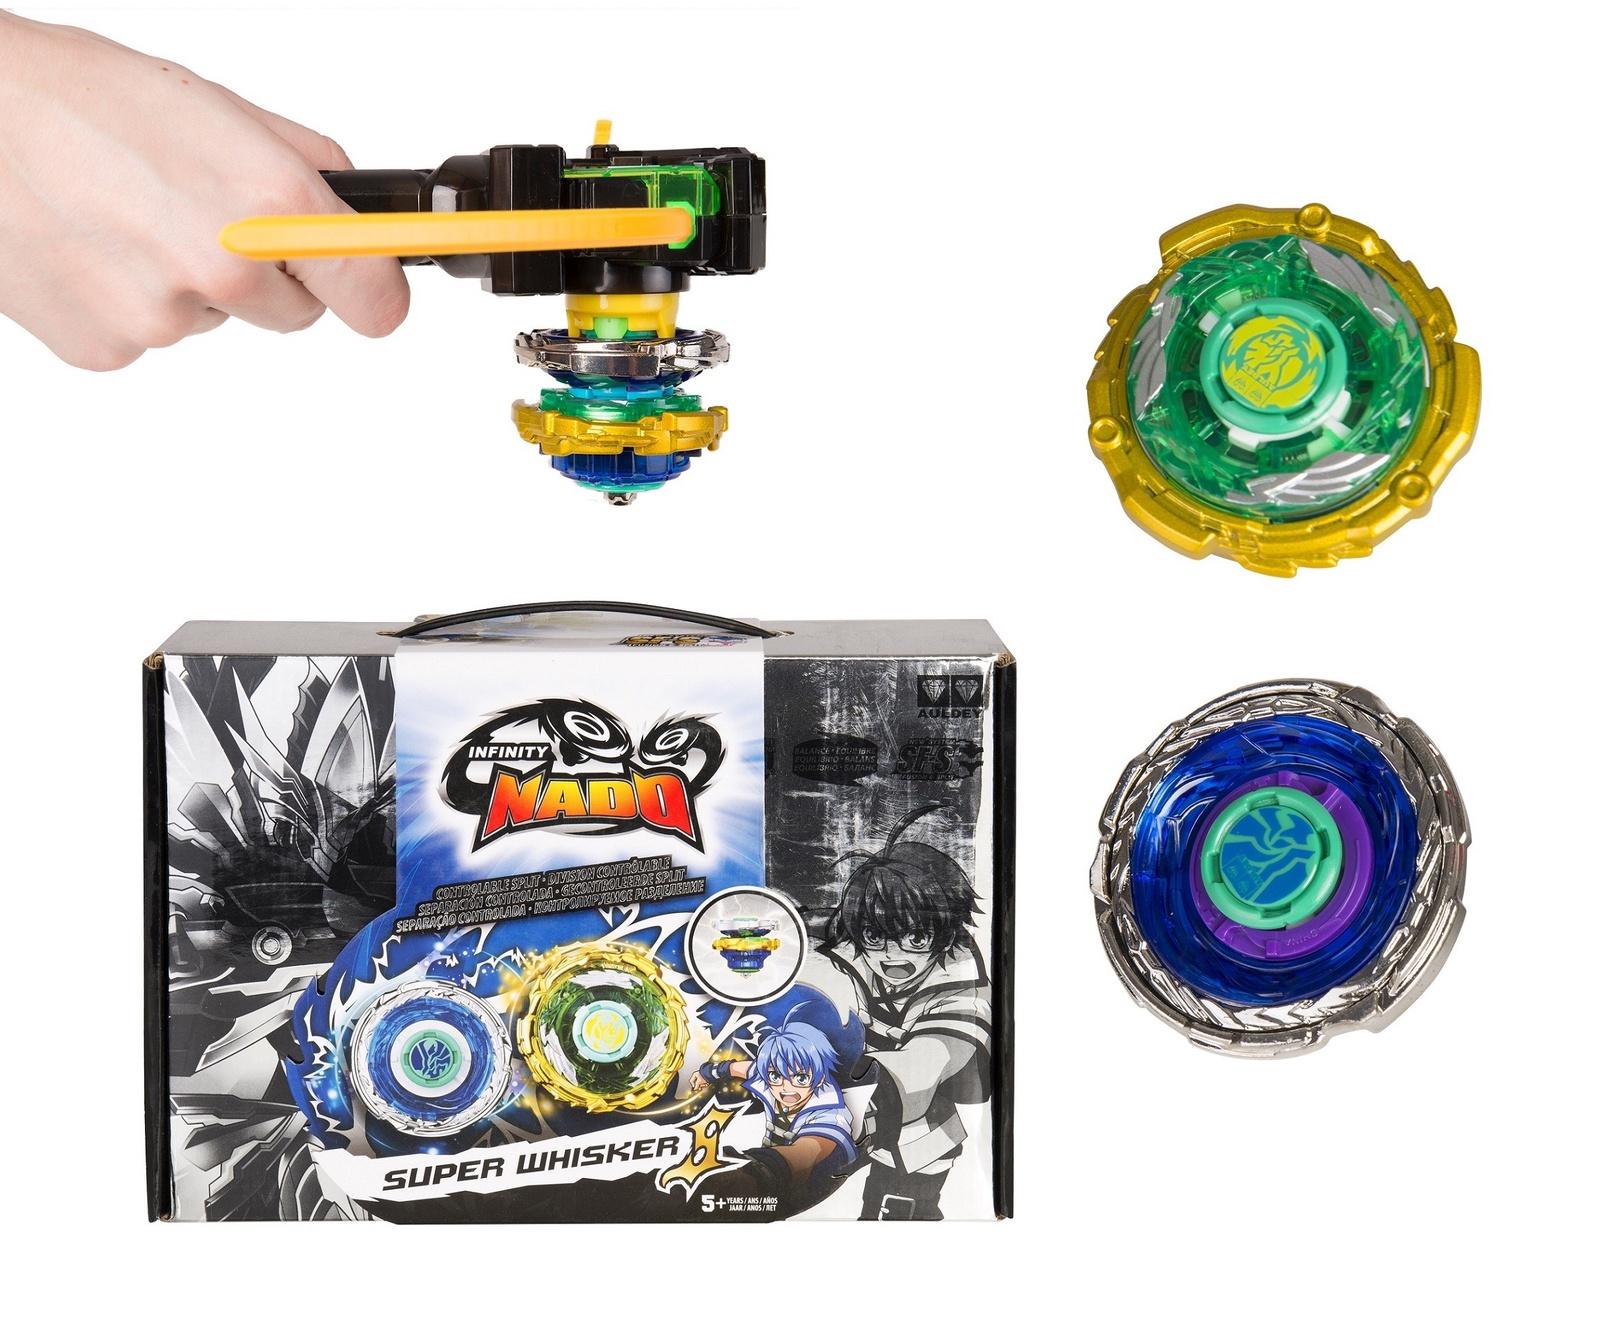 Пусковая игрушка Инфинити Надо Волчок Super Whisker, серия Крэк